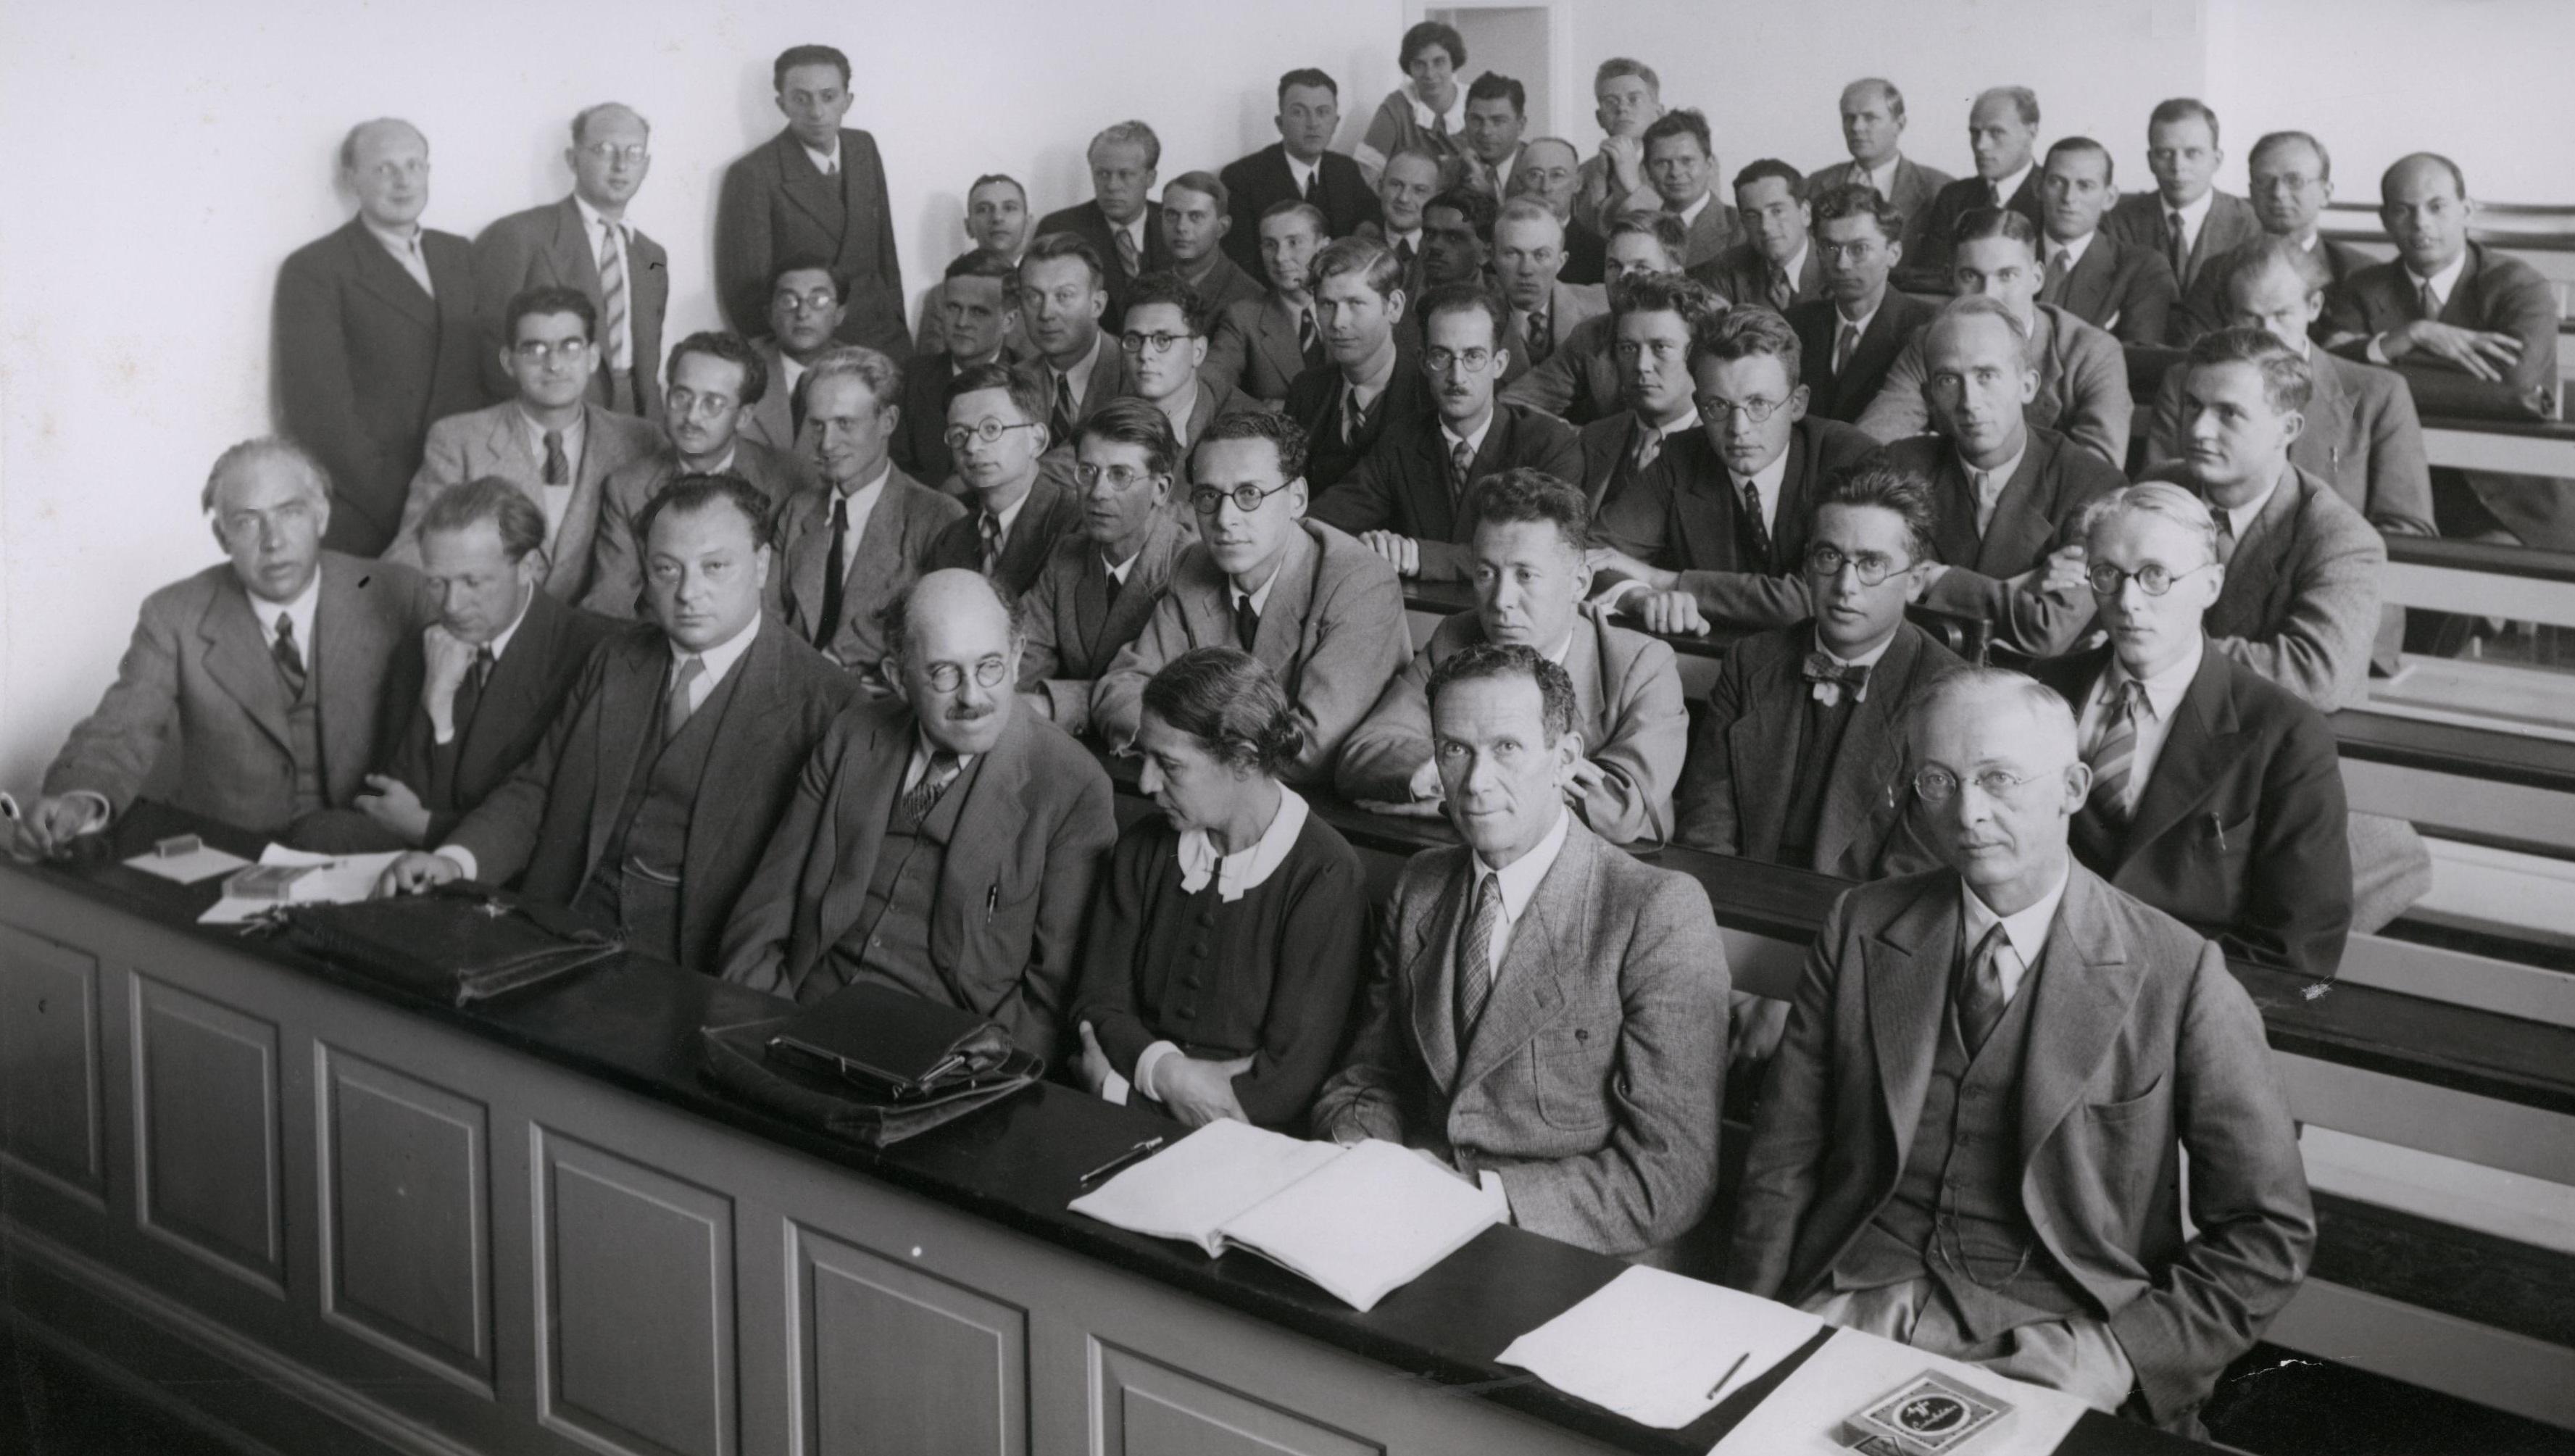 """Sala lettura del """"Niels Bohr Institute"""" 1937. I primi tre a sinistra in prima fila sono Bohr, Heisenberg e Pauli"""